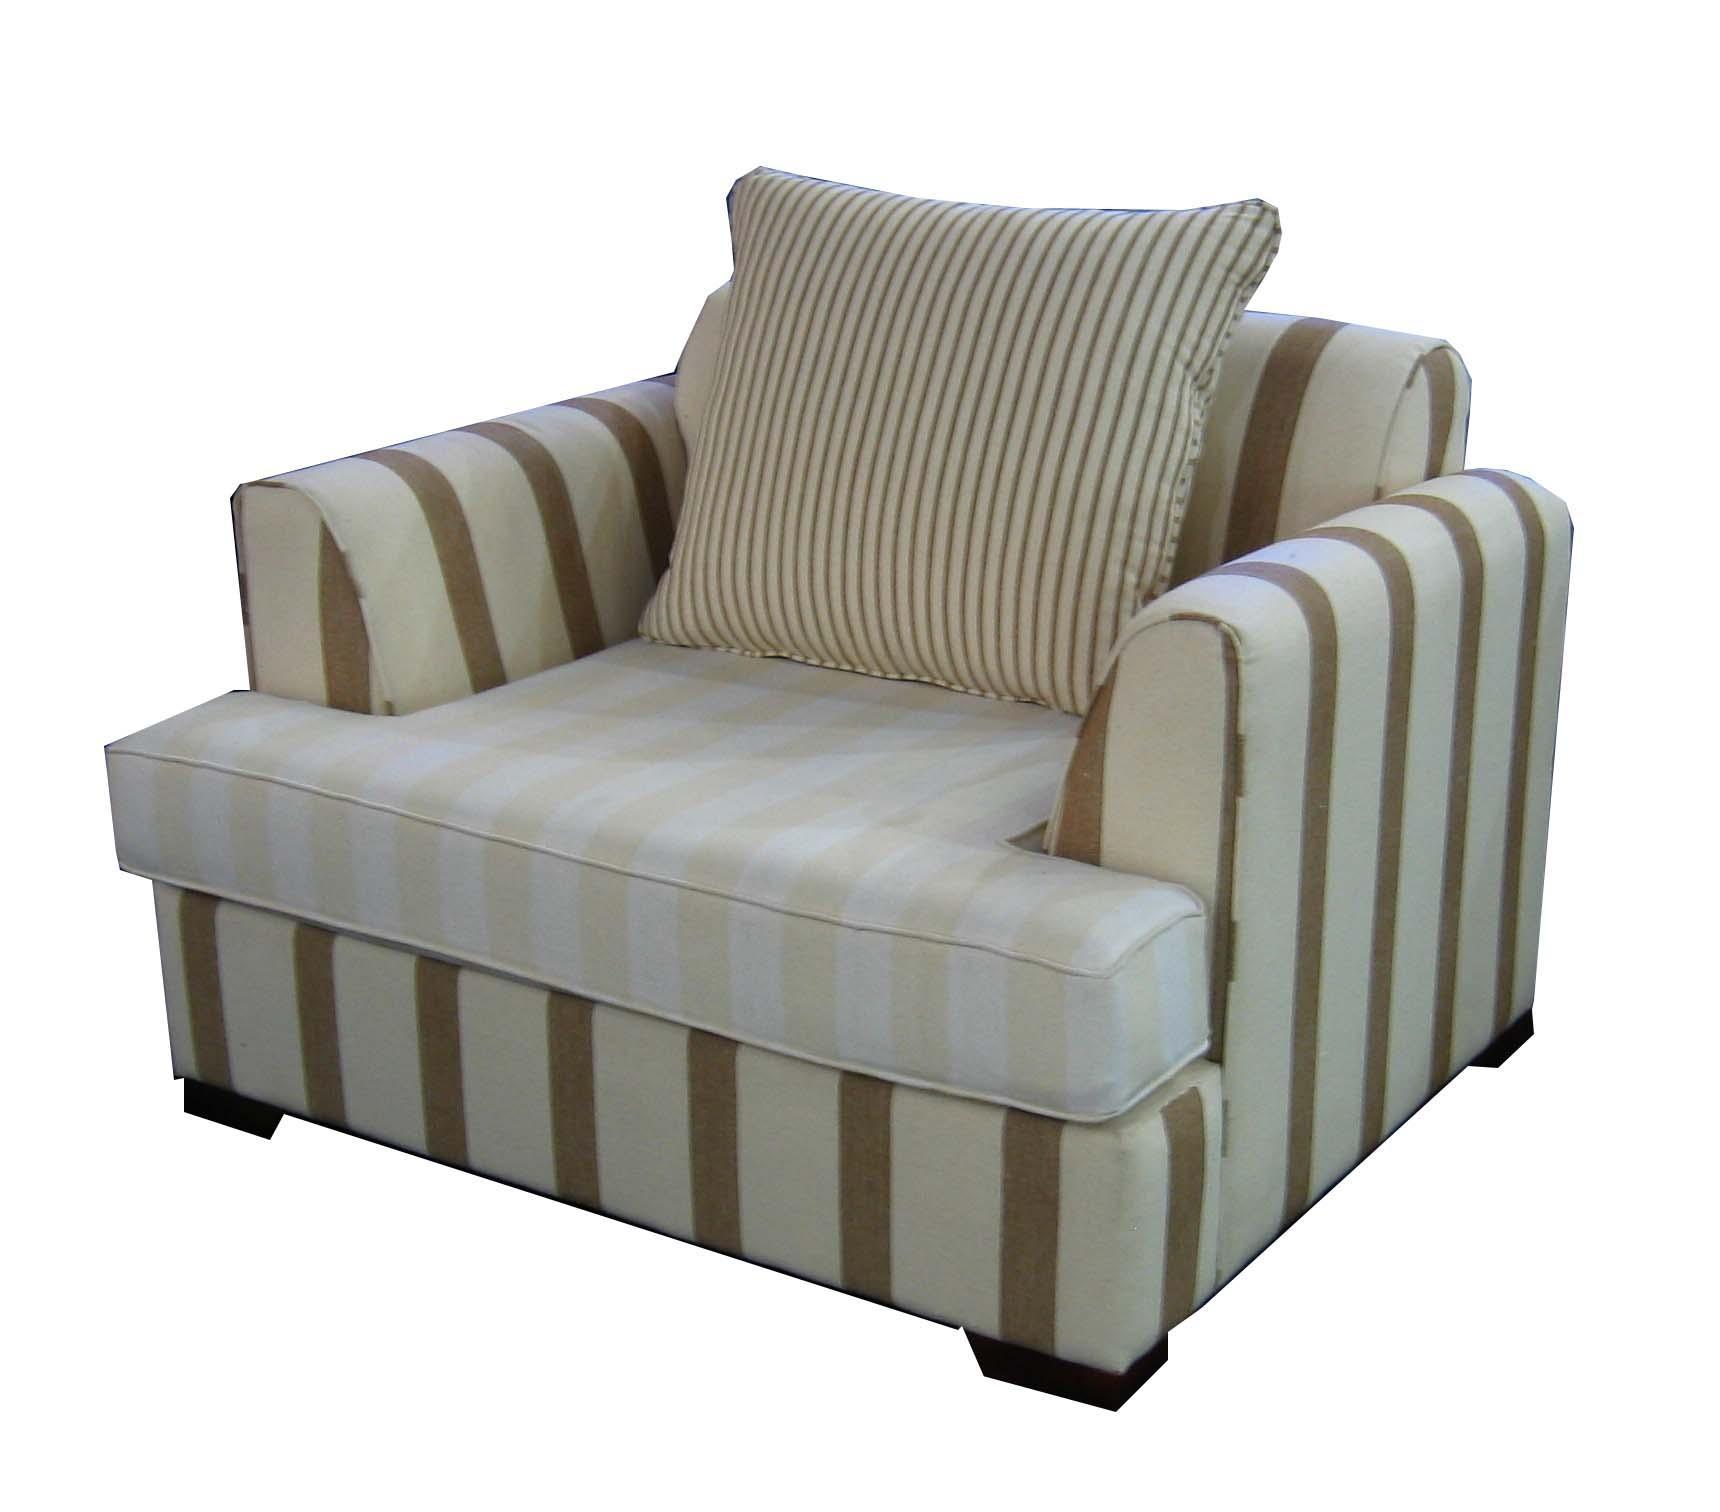 Sofas Center : Literarywondrous Single Sofa Chair Picture Ideas With Regard To Slipper Sofas (View 9 of 20)